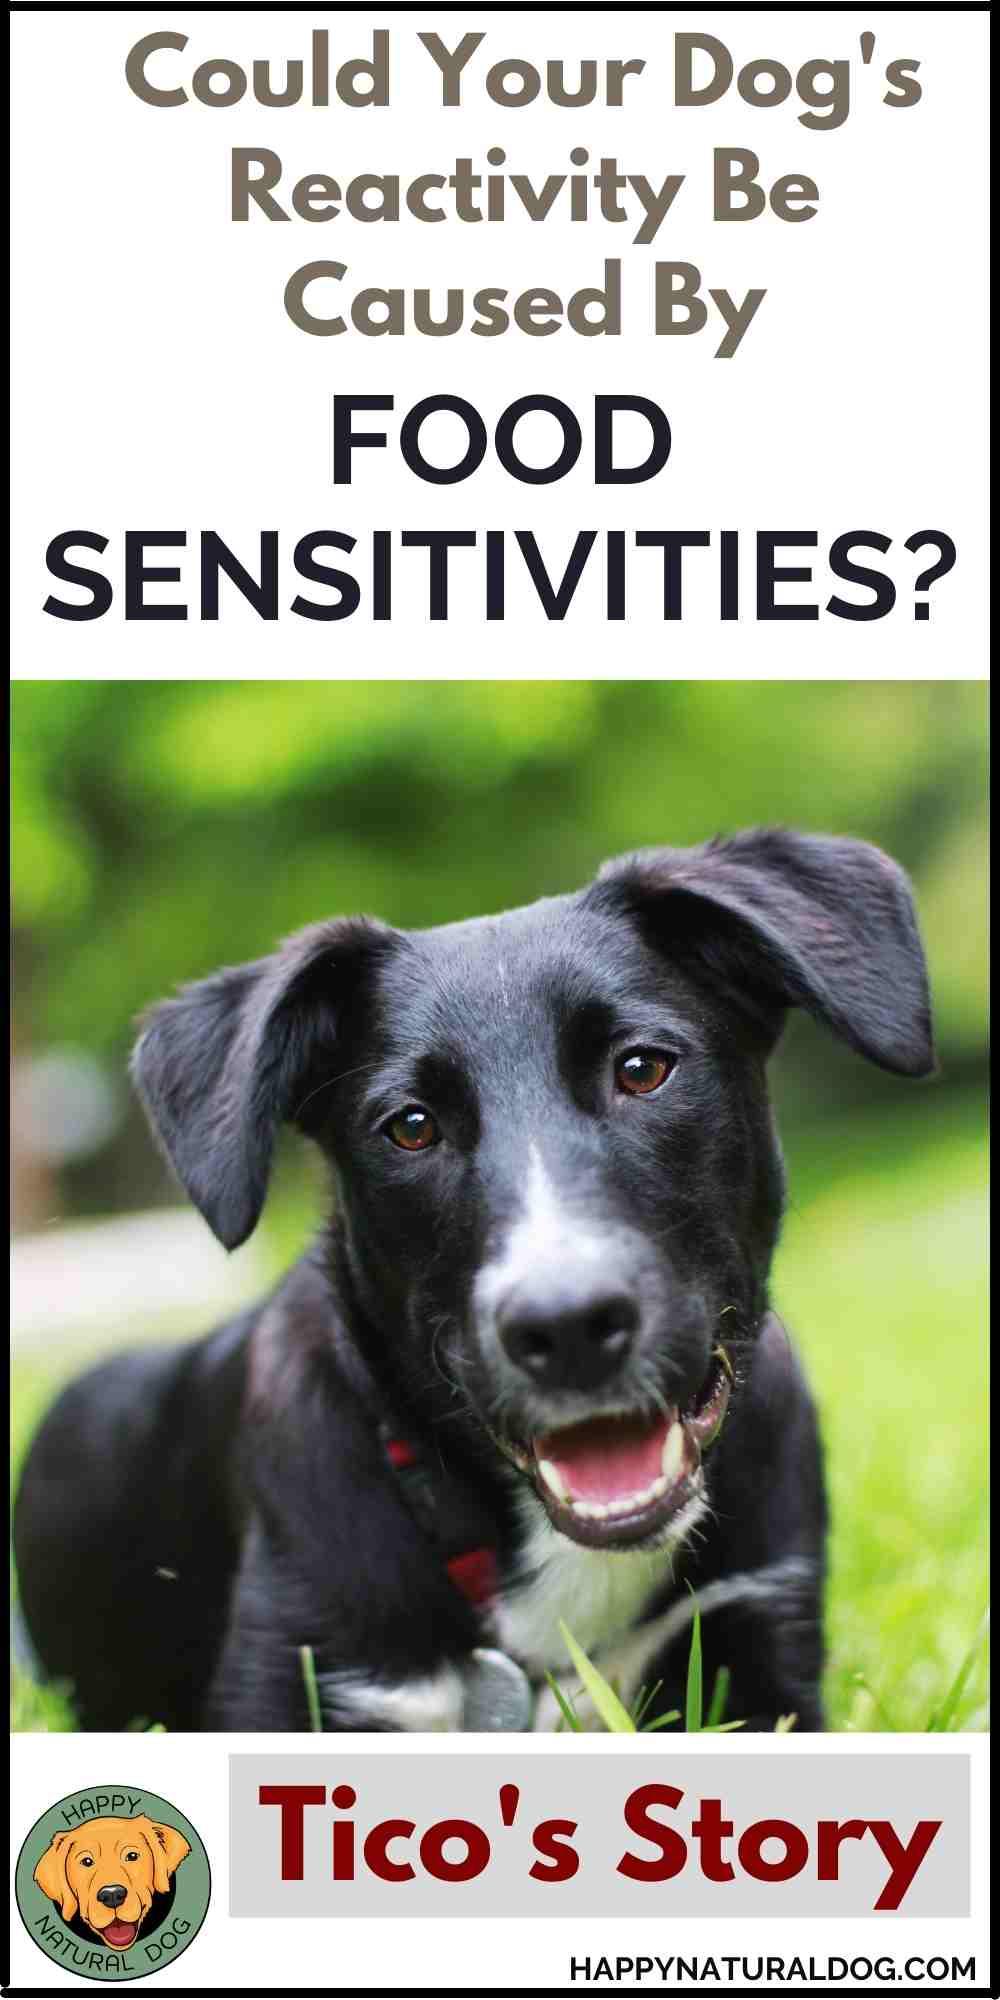 Dog Reactivity and Food Sensitivities